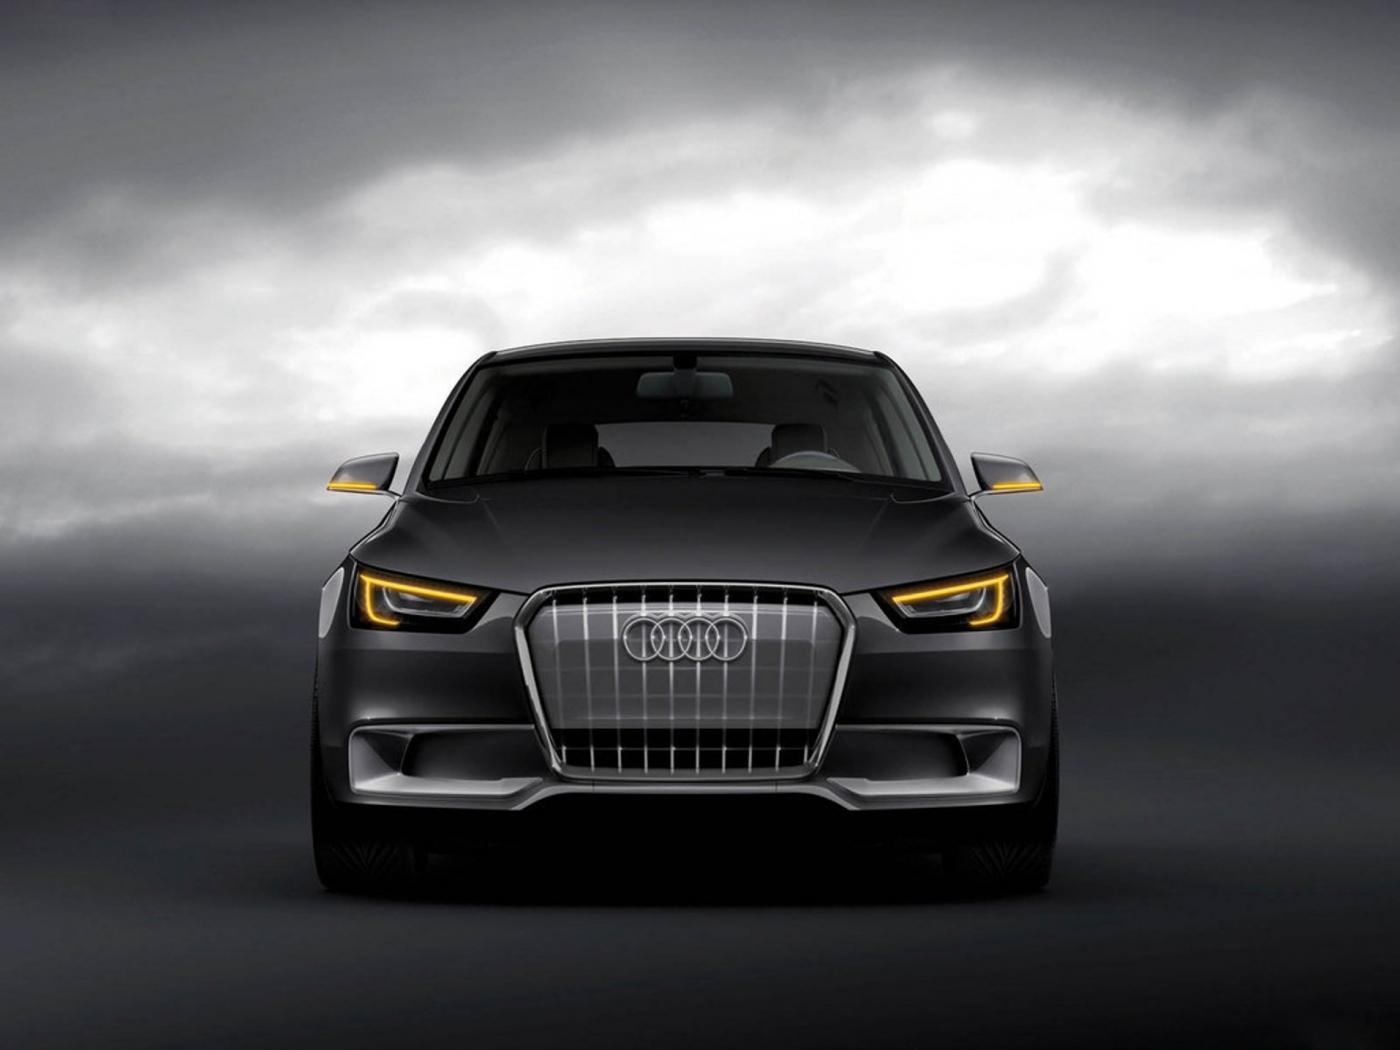 29374 скачать обои Транспорт, Машины, Ауди (Audi) - заставки и картинки бесплатно